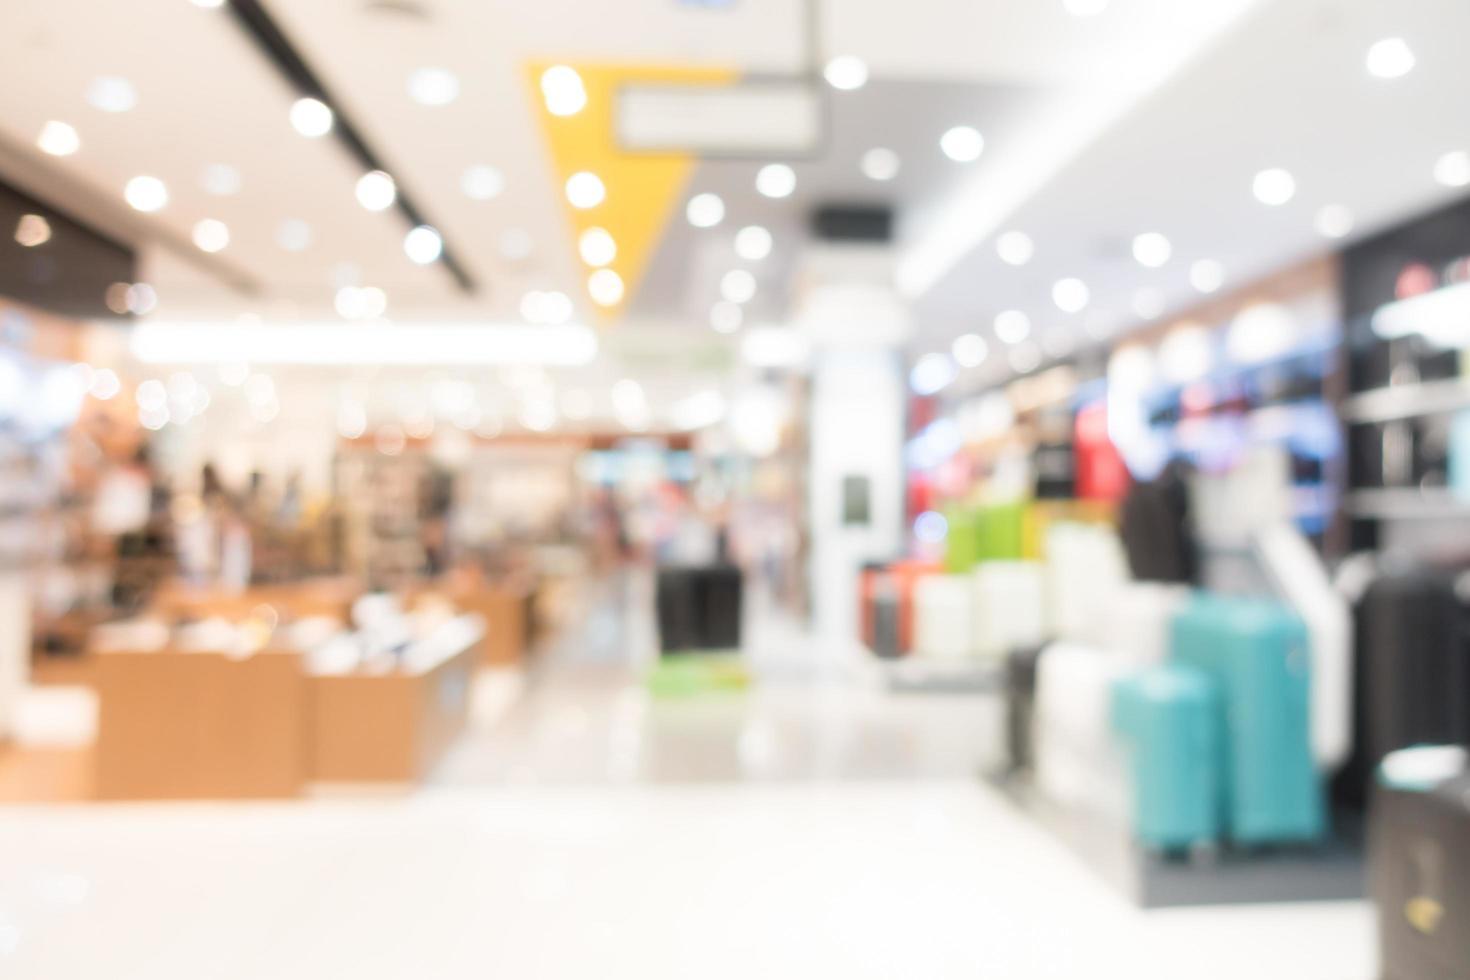 interior del centro comercial desenfocado foto